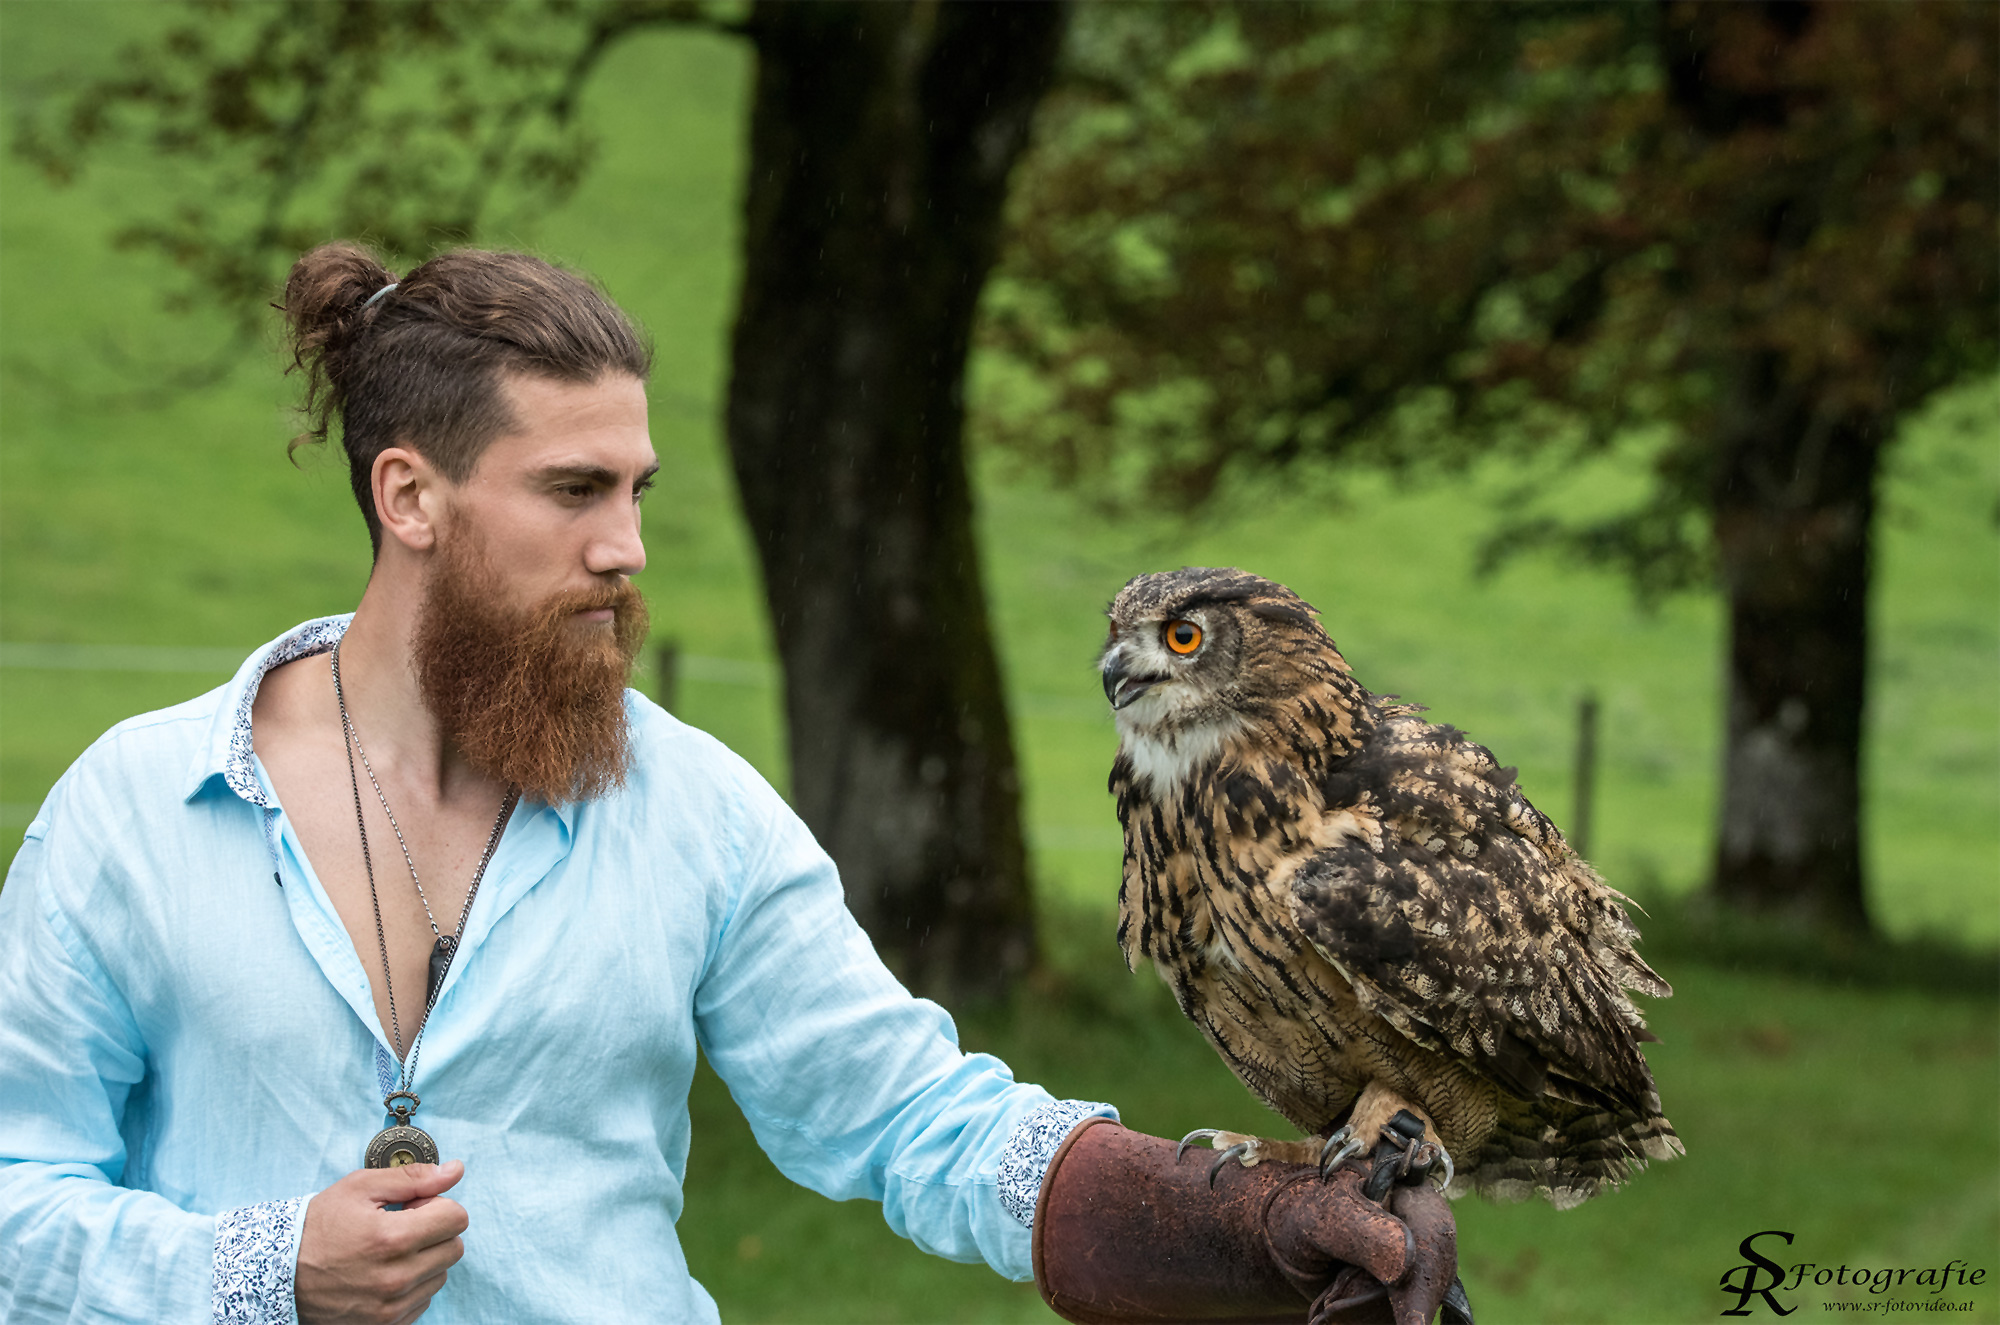 Mann mit Greifvogel am Arm